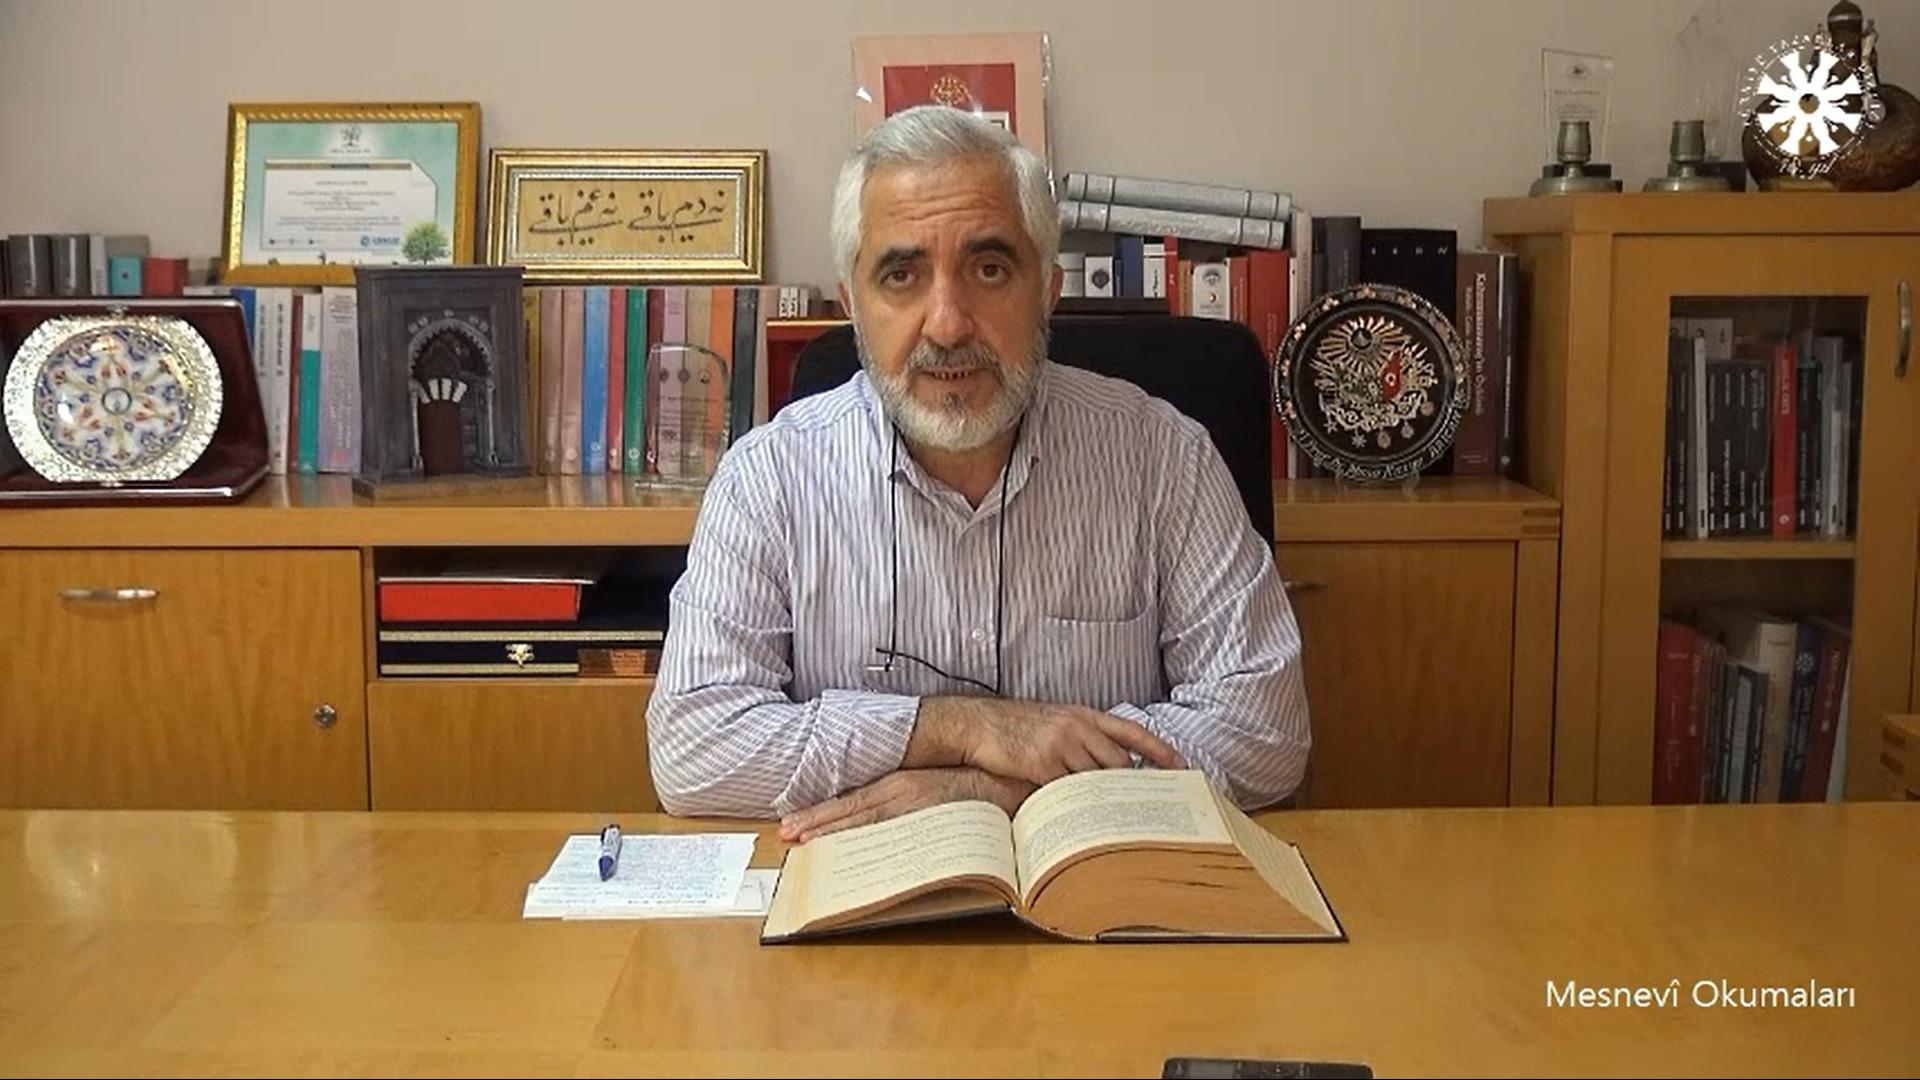 Mesnevî Okumaları -114- Prof. Dr. Zülfikar Güngör